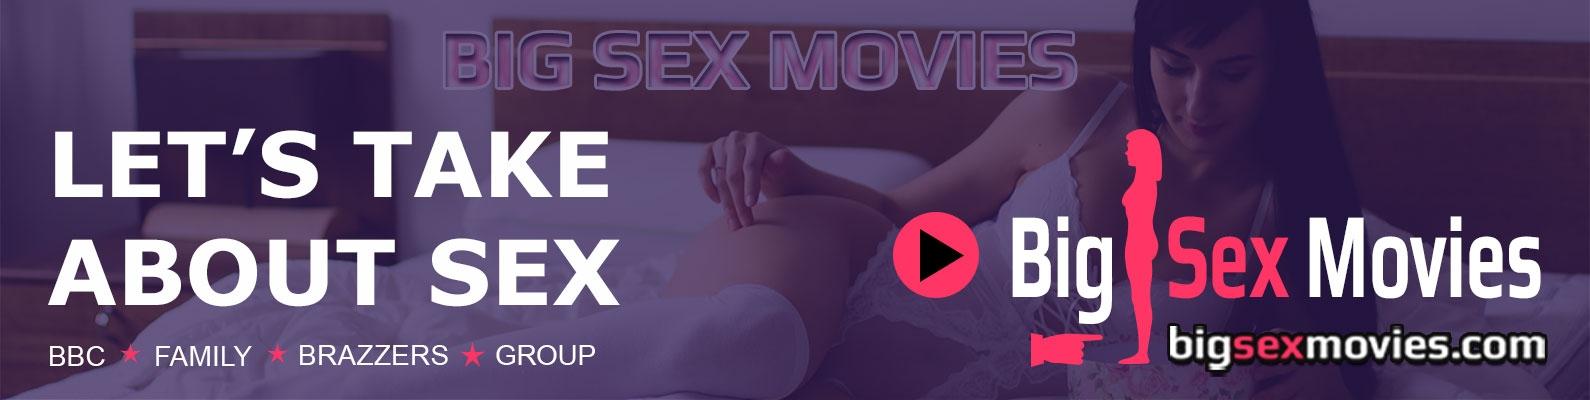 Big Sex Movie (@bigsexmovies) Cover Image